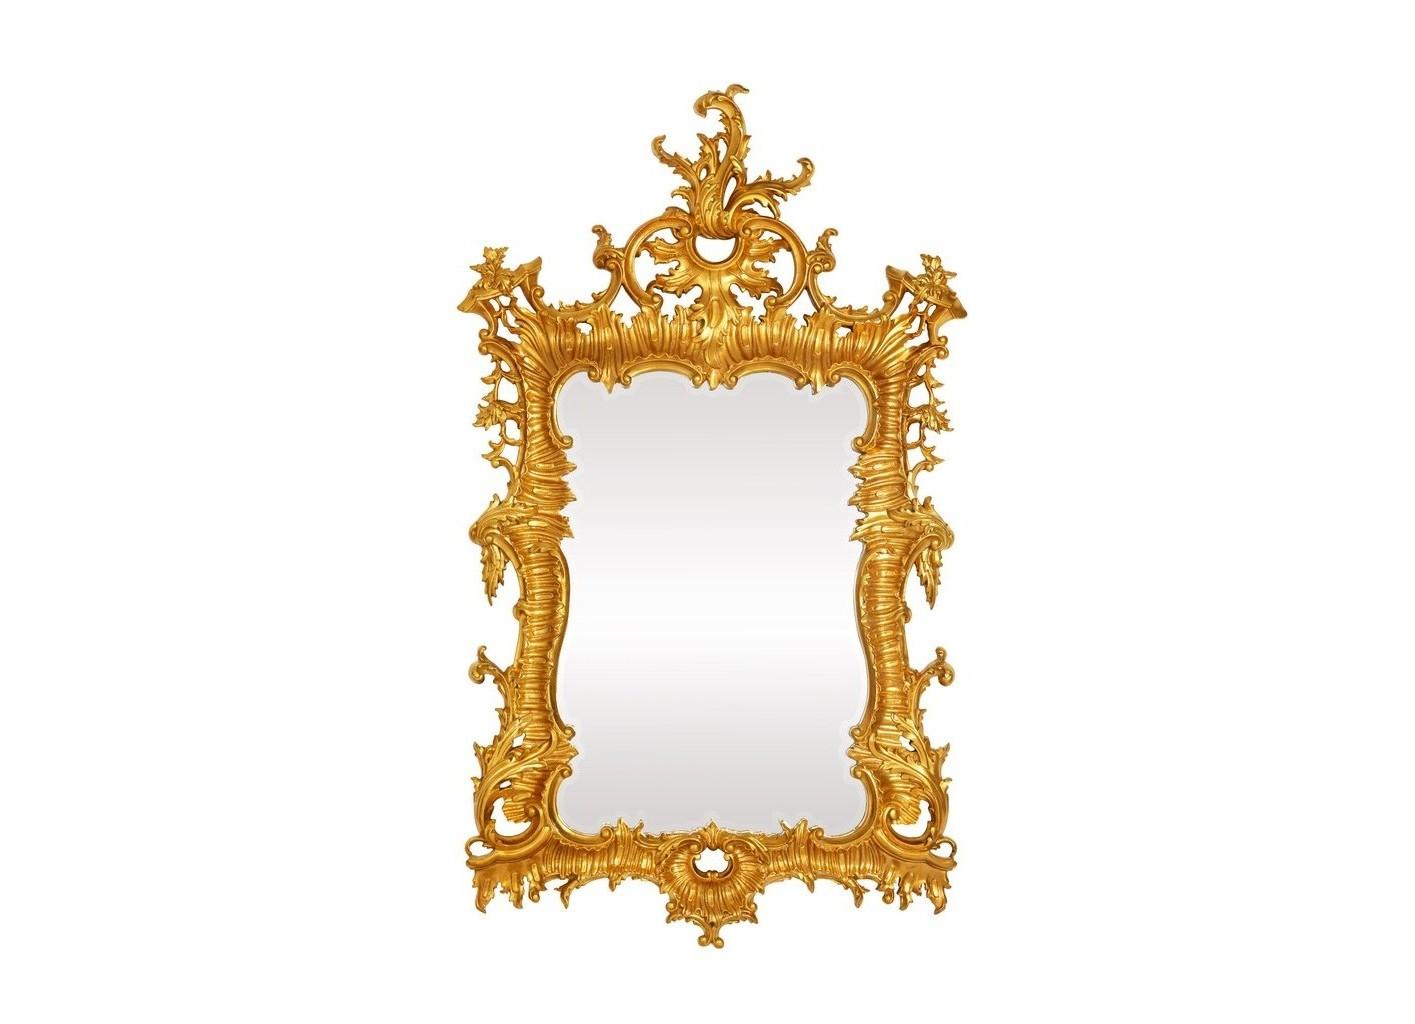 Зеркало вермонт (francois mirro) золотой 100.0x165.0x6.0 см. фото